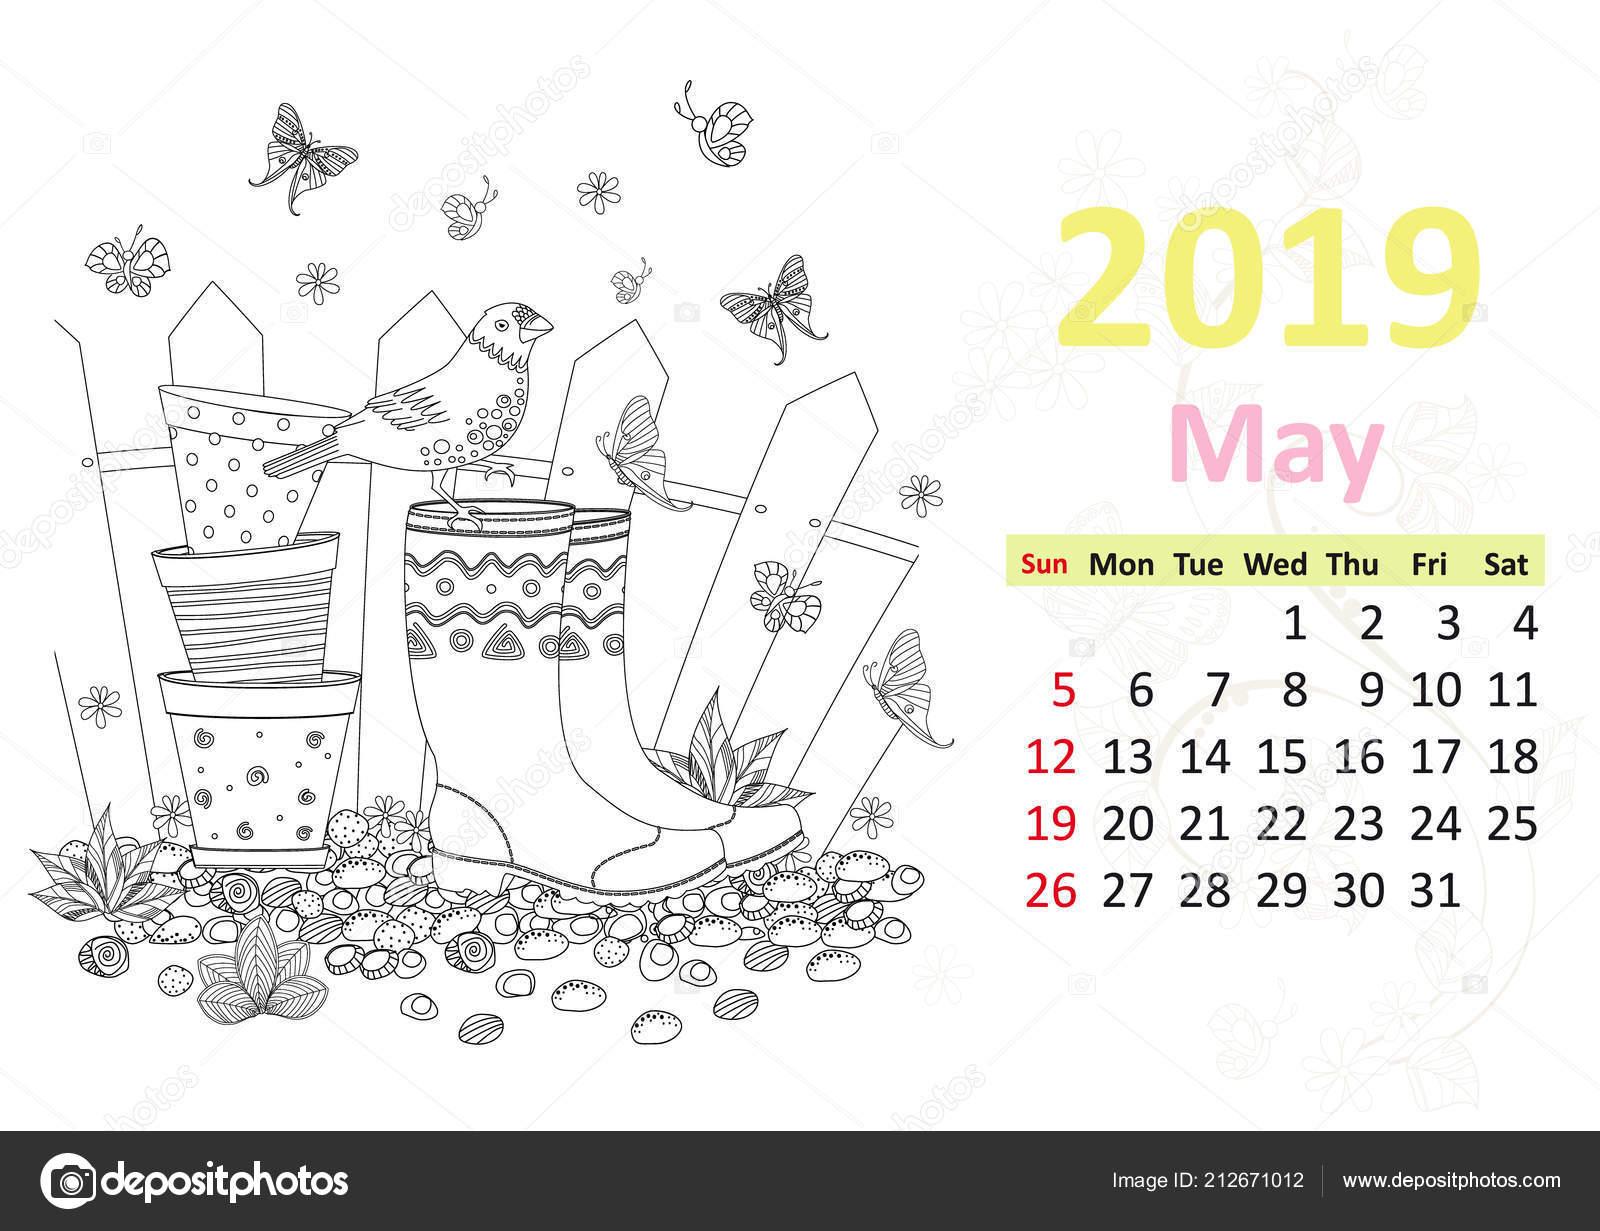 Yağmur Botları Tencere üzerinde Oturan Kuş Ile Mayıs 2019 Için